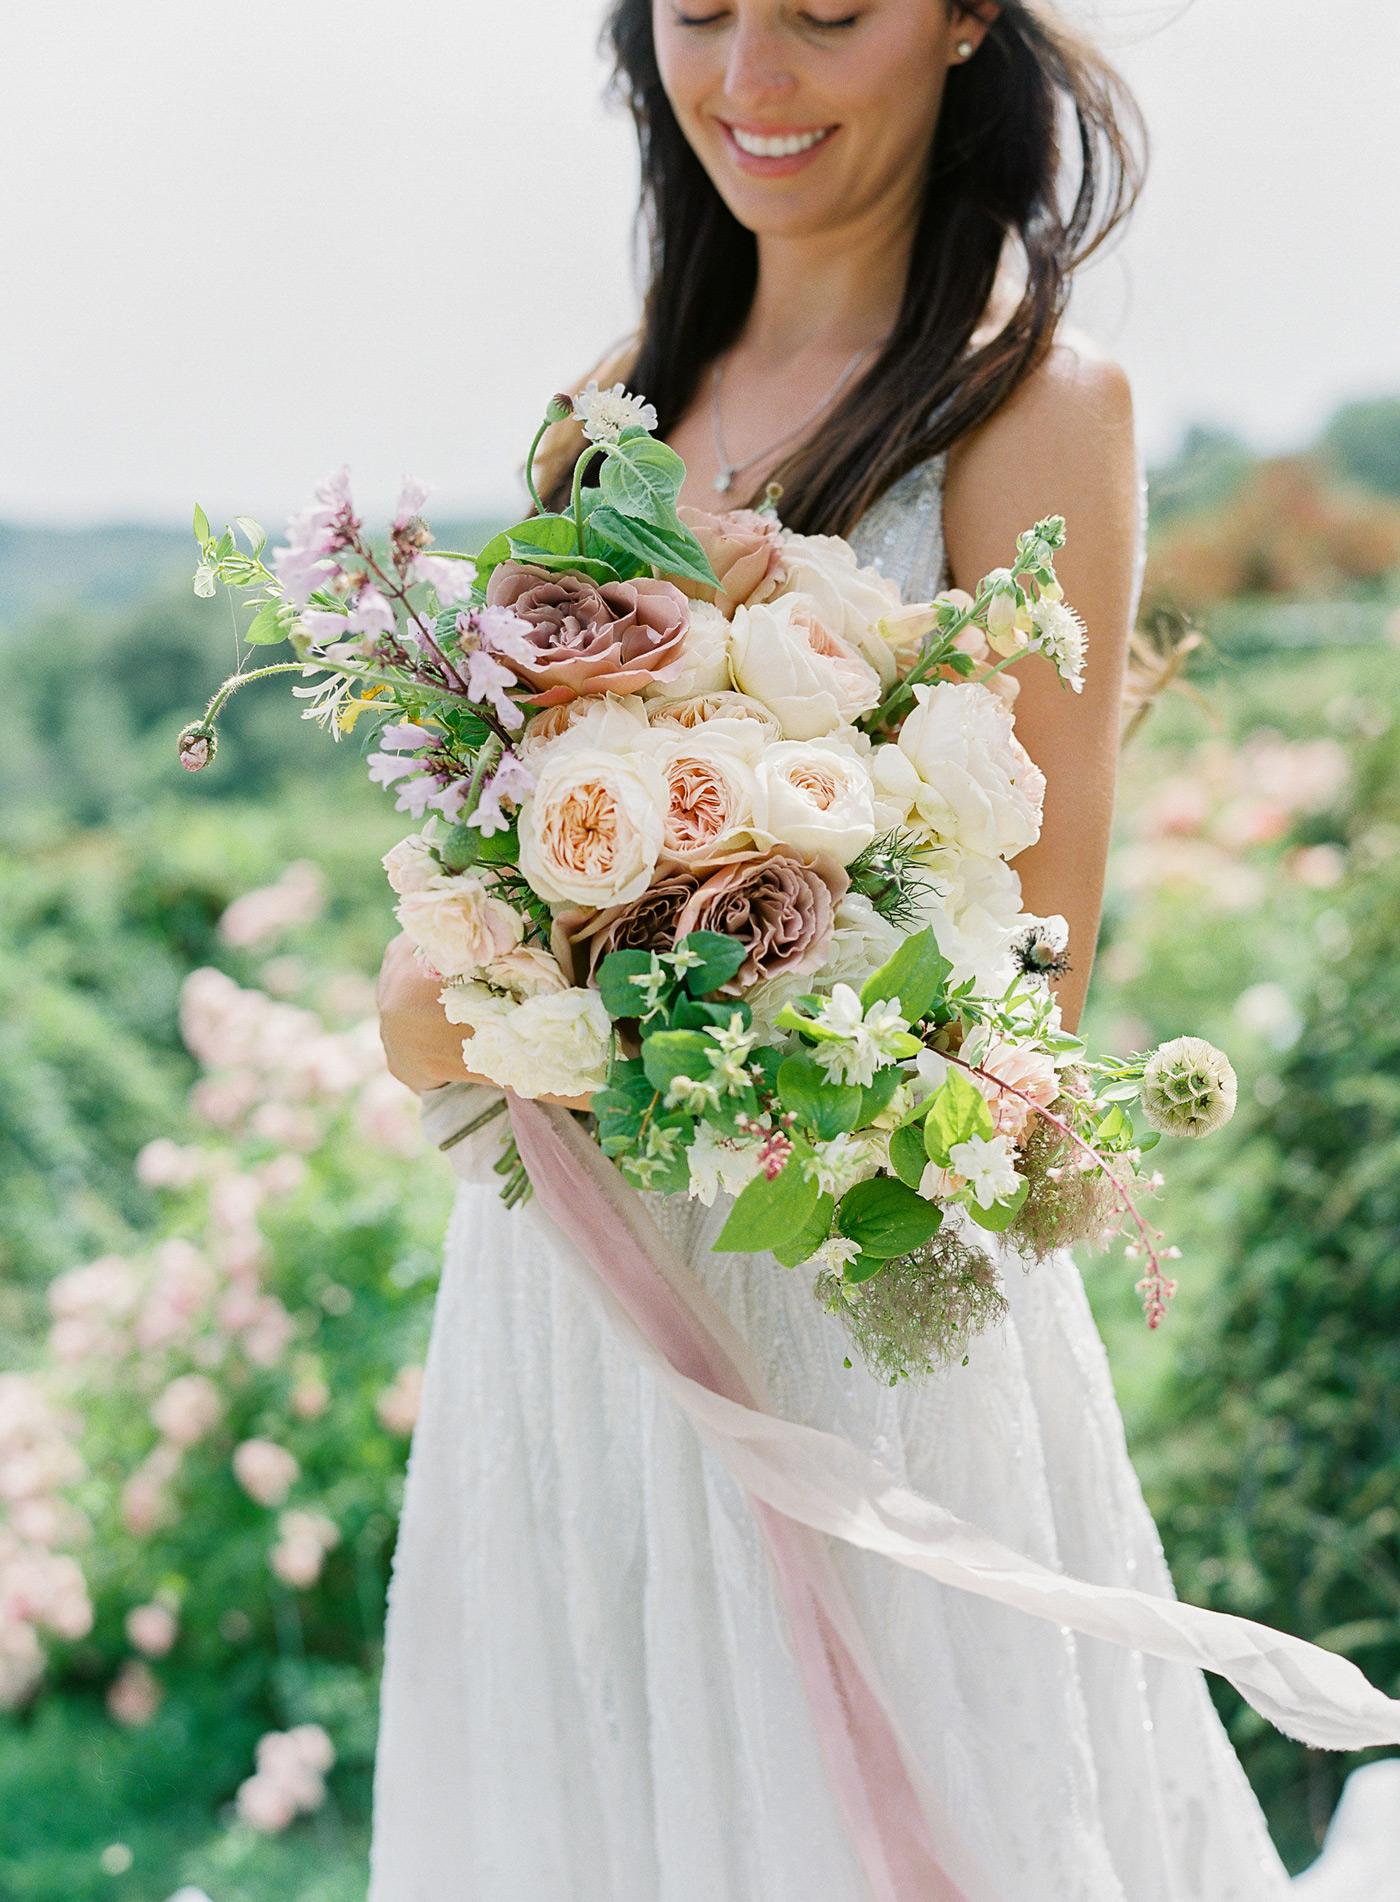 portrait madison holding bouquet